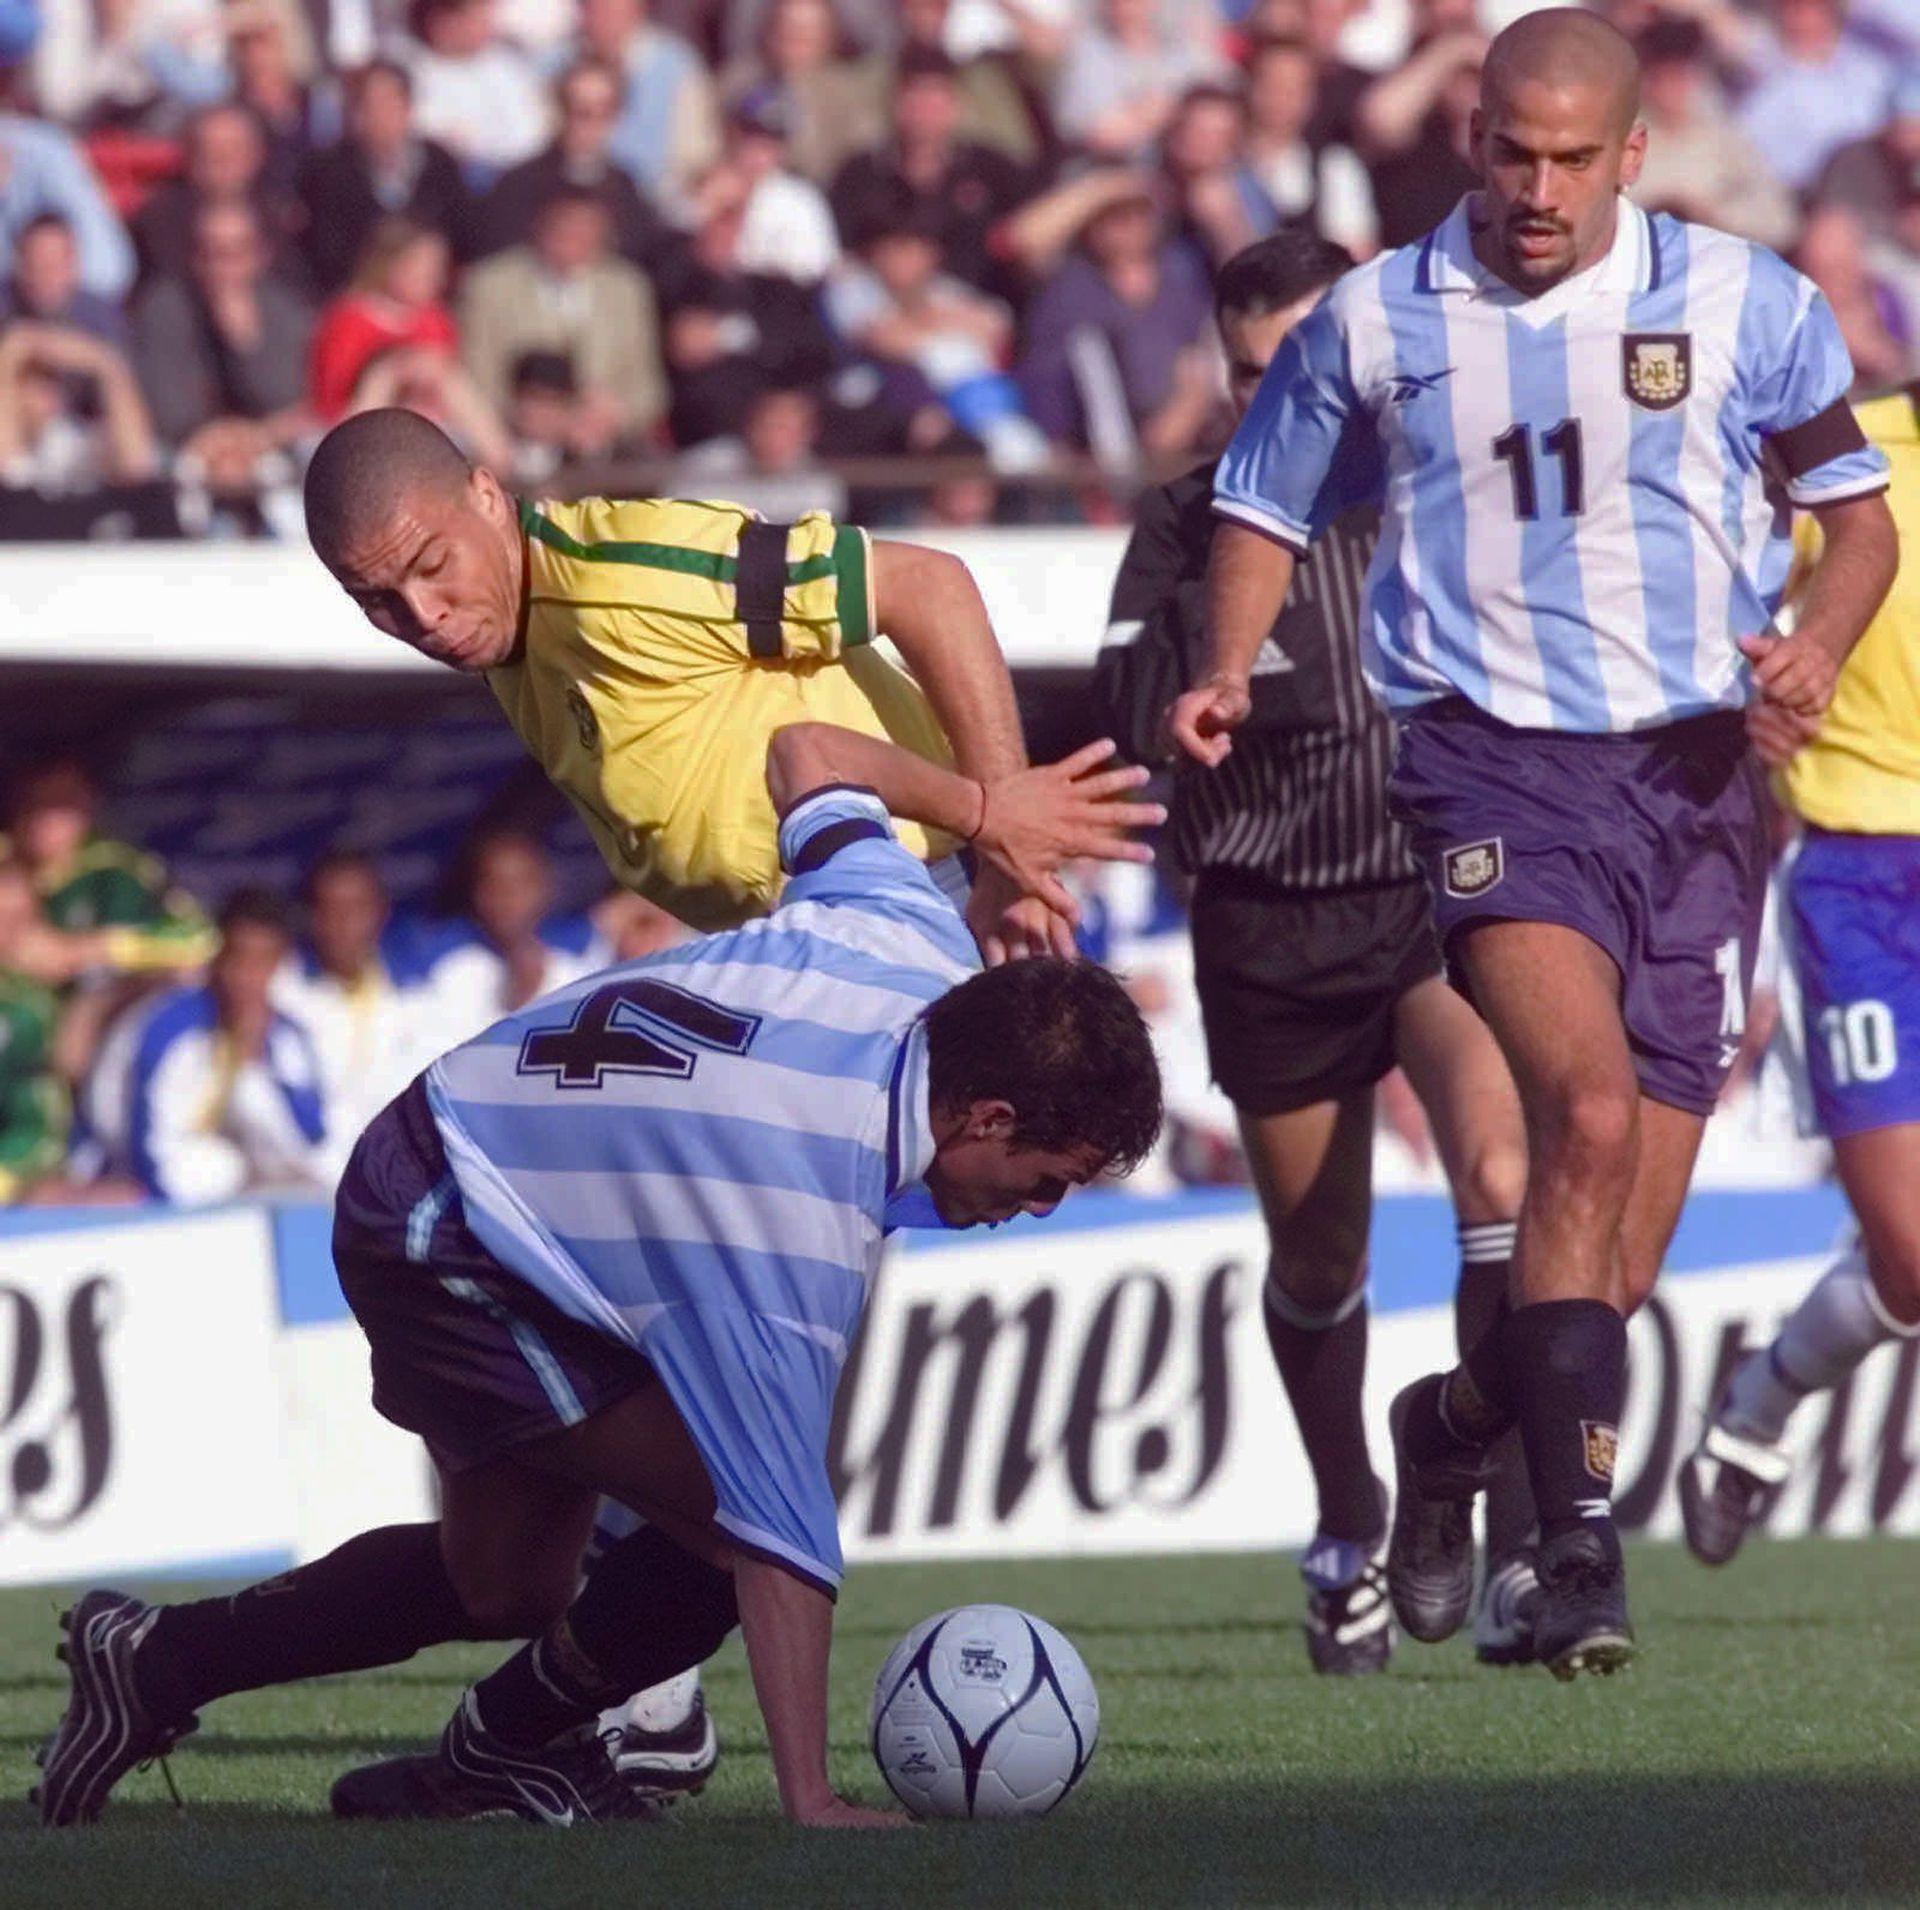 Ronaldo (4 de septiembre de 1999): cuando jugaba eclipsaba a todos los demás en la cancha; aún en la época de gloria de Brasil, cuando compartía cartel con Ronaldinho y Rivaldo; tres años después alcanzó la cima como el mejor jugador del mundo y goleador de Corea/Japón